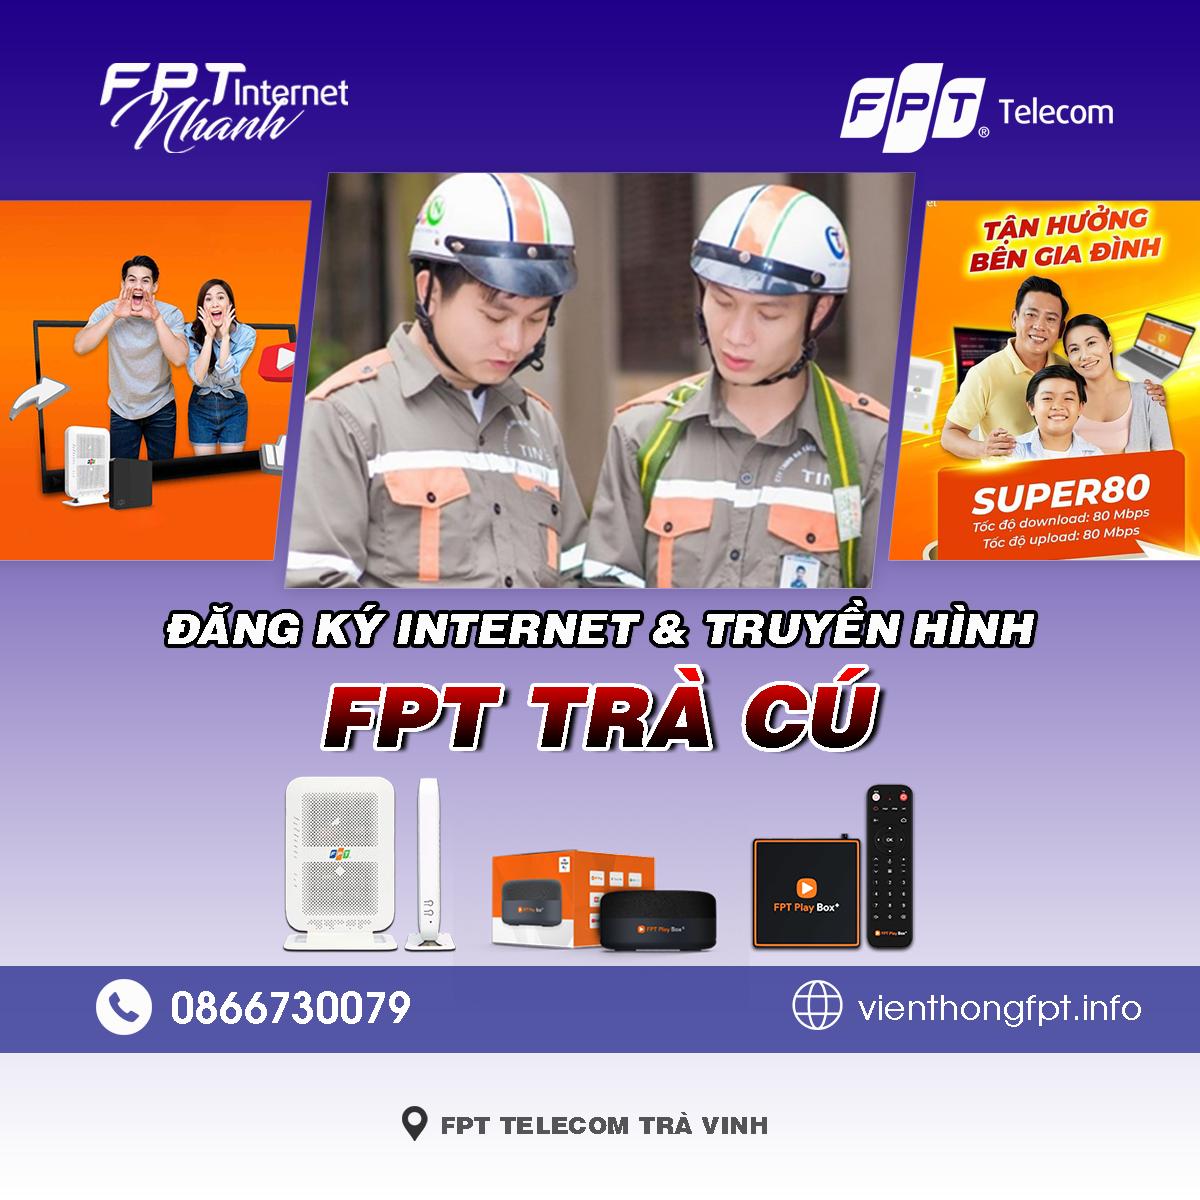 Tổng đài FPT Trà Cú - Đơn vị lắp mạng Internet và Truyền hình FPT